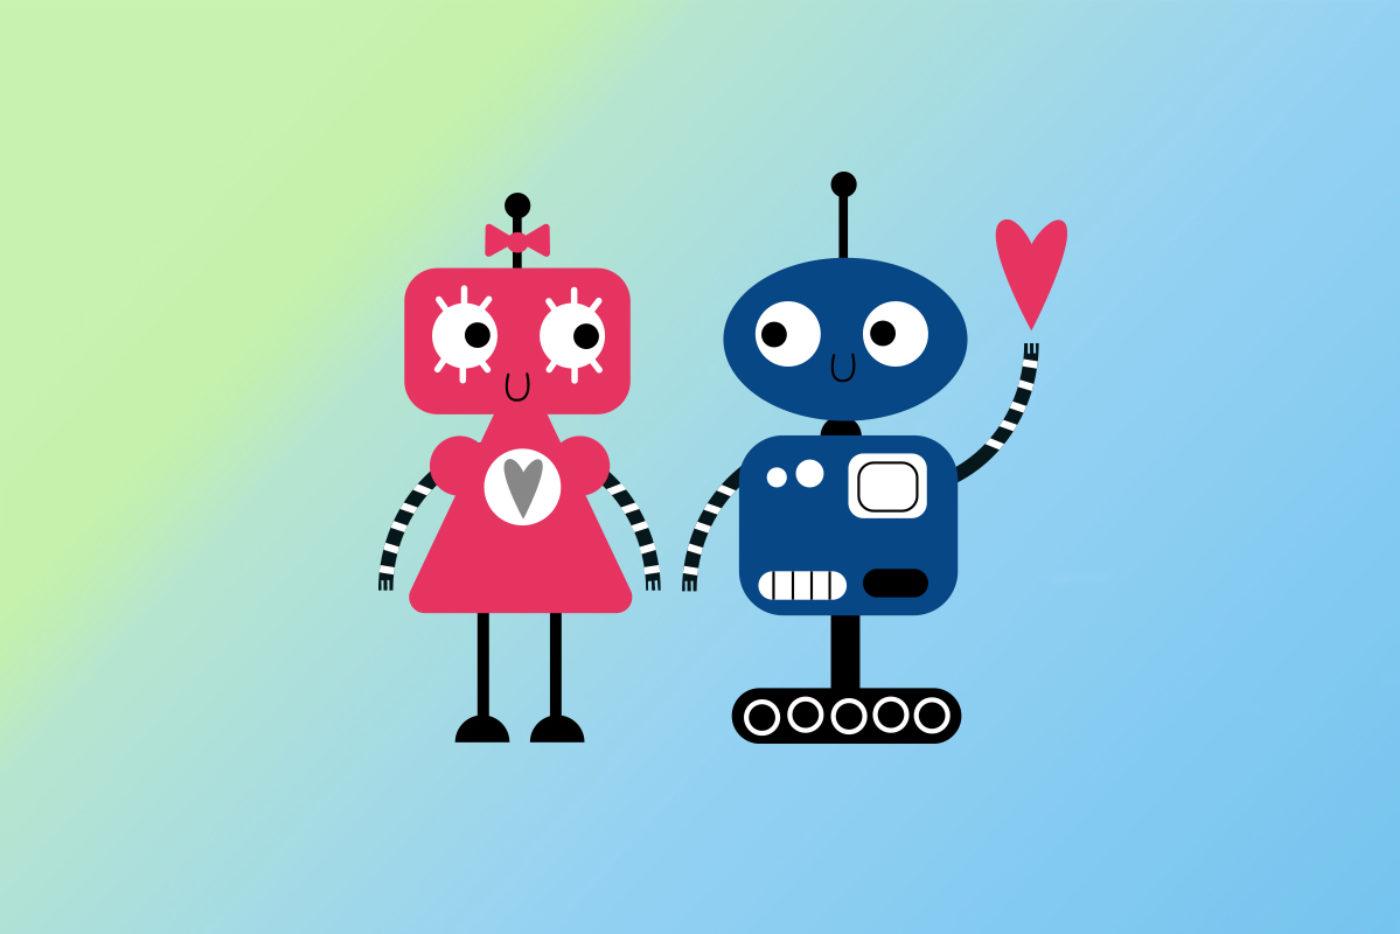 Мероприятия: Відкритий урок «Роботизована листівка на День закоханих» у Харкові